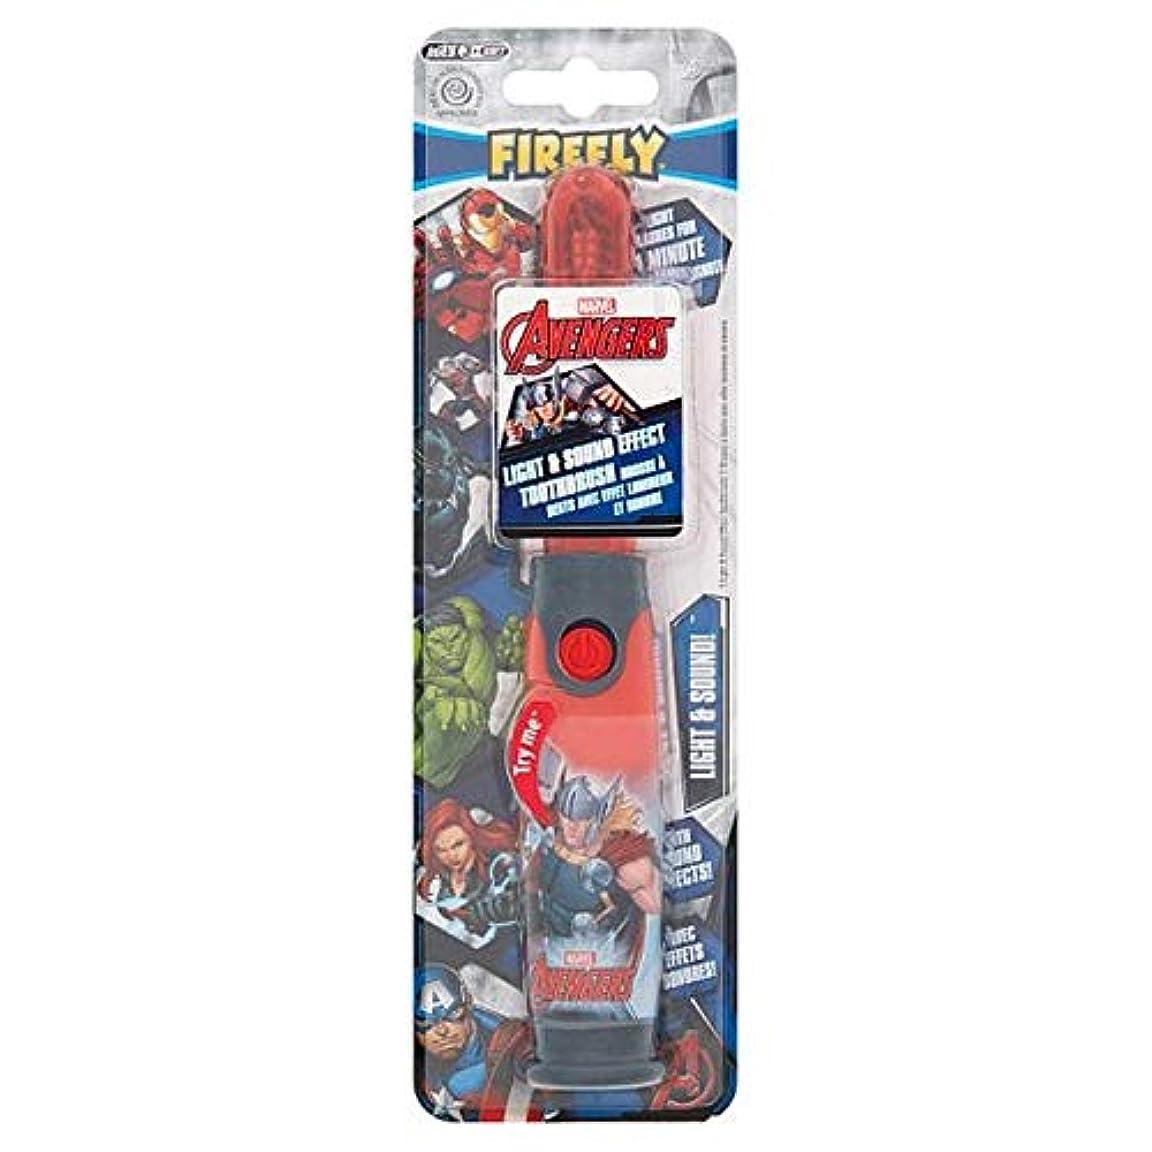 がっかりする領収書追加する[Firefly ] アベンジャーズホタルの光と音の歯ブラシ - Avengers Firefly Light And Sound Toothbrush [並行輸入品]